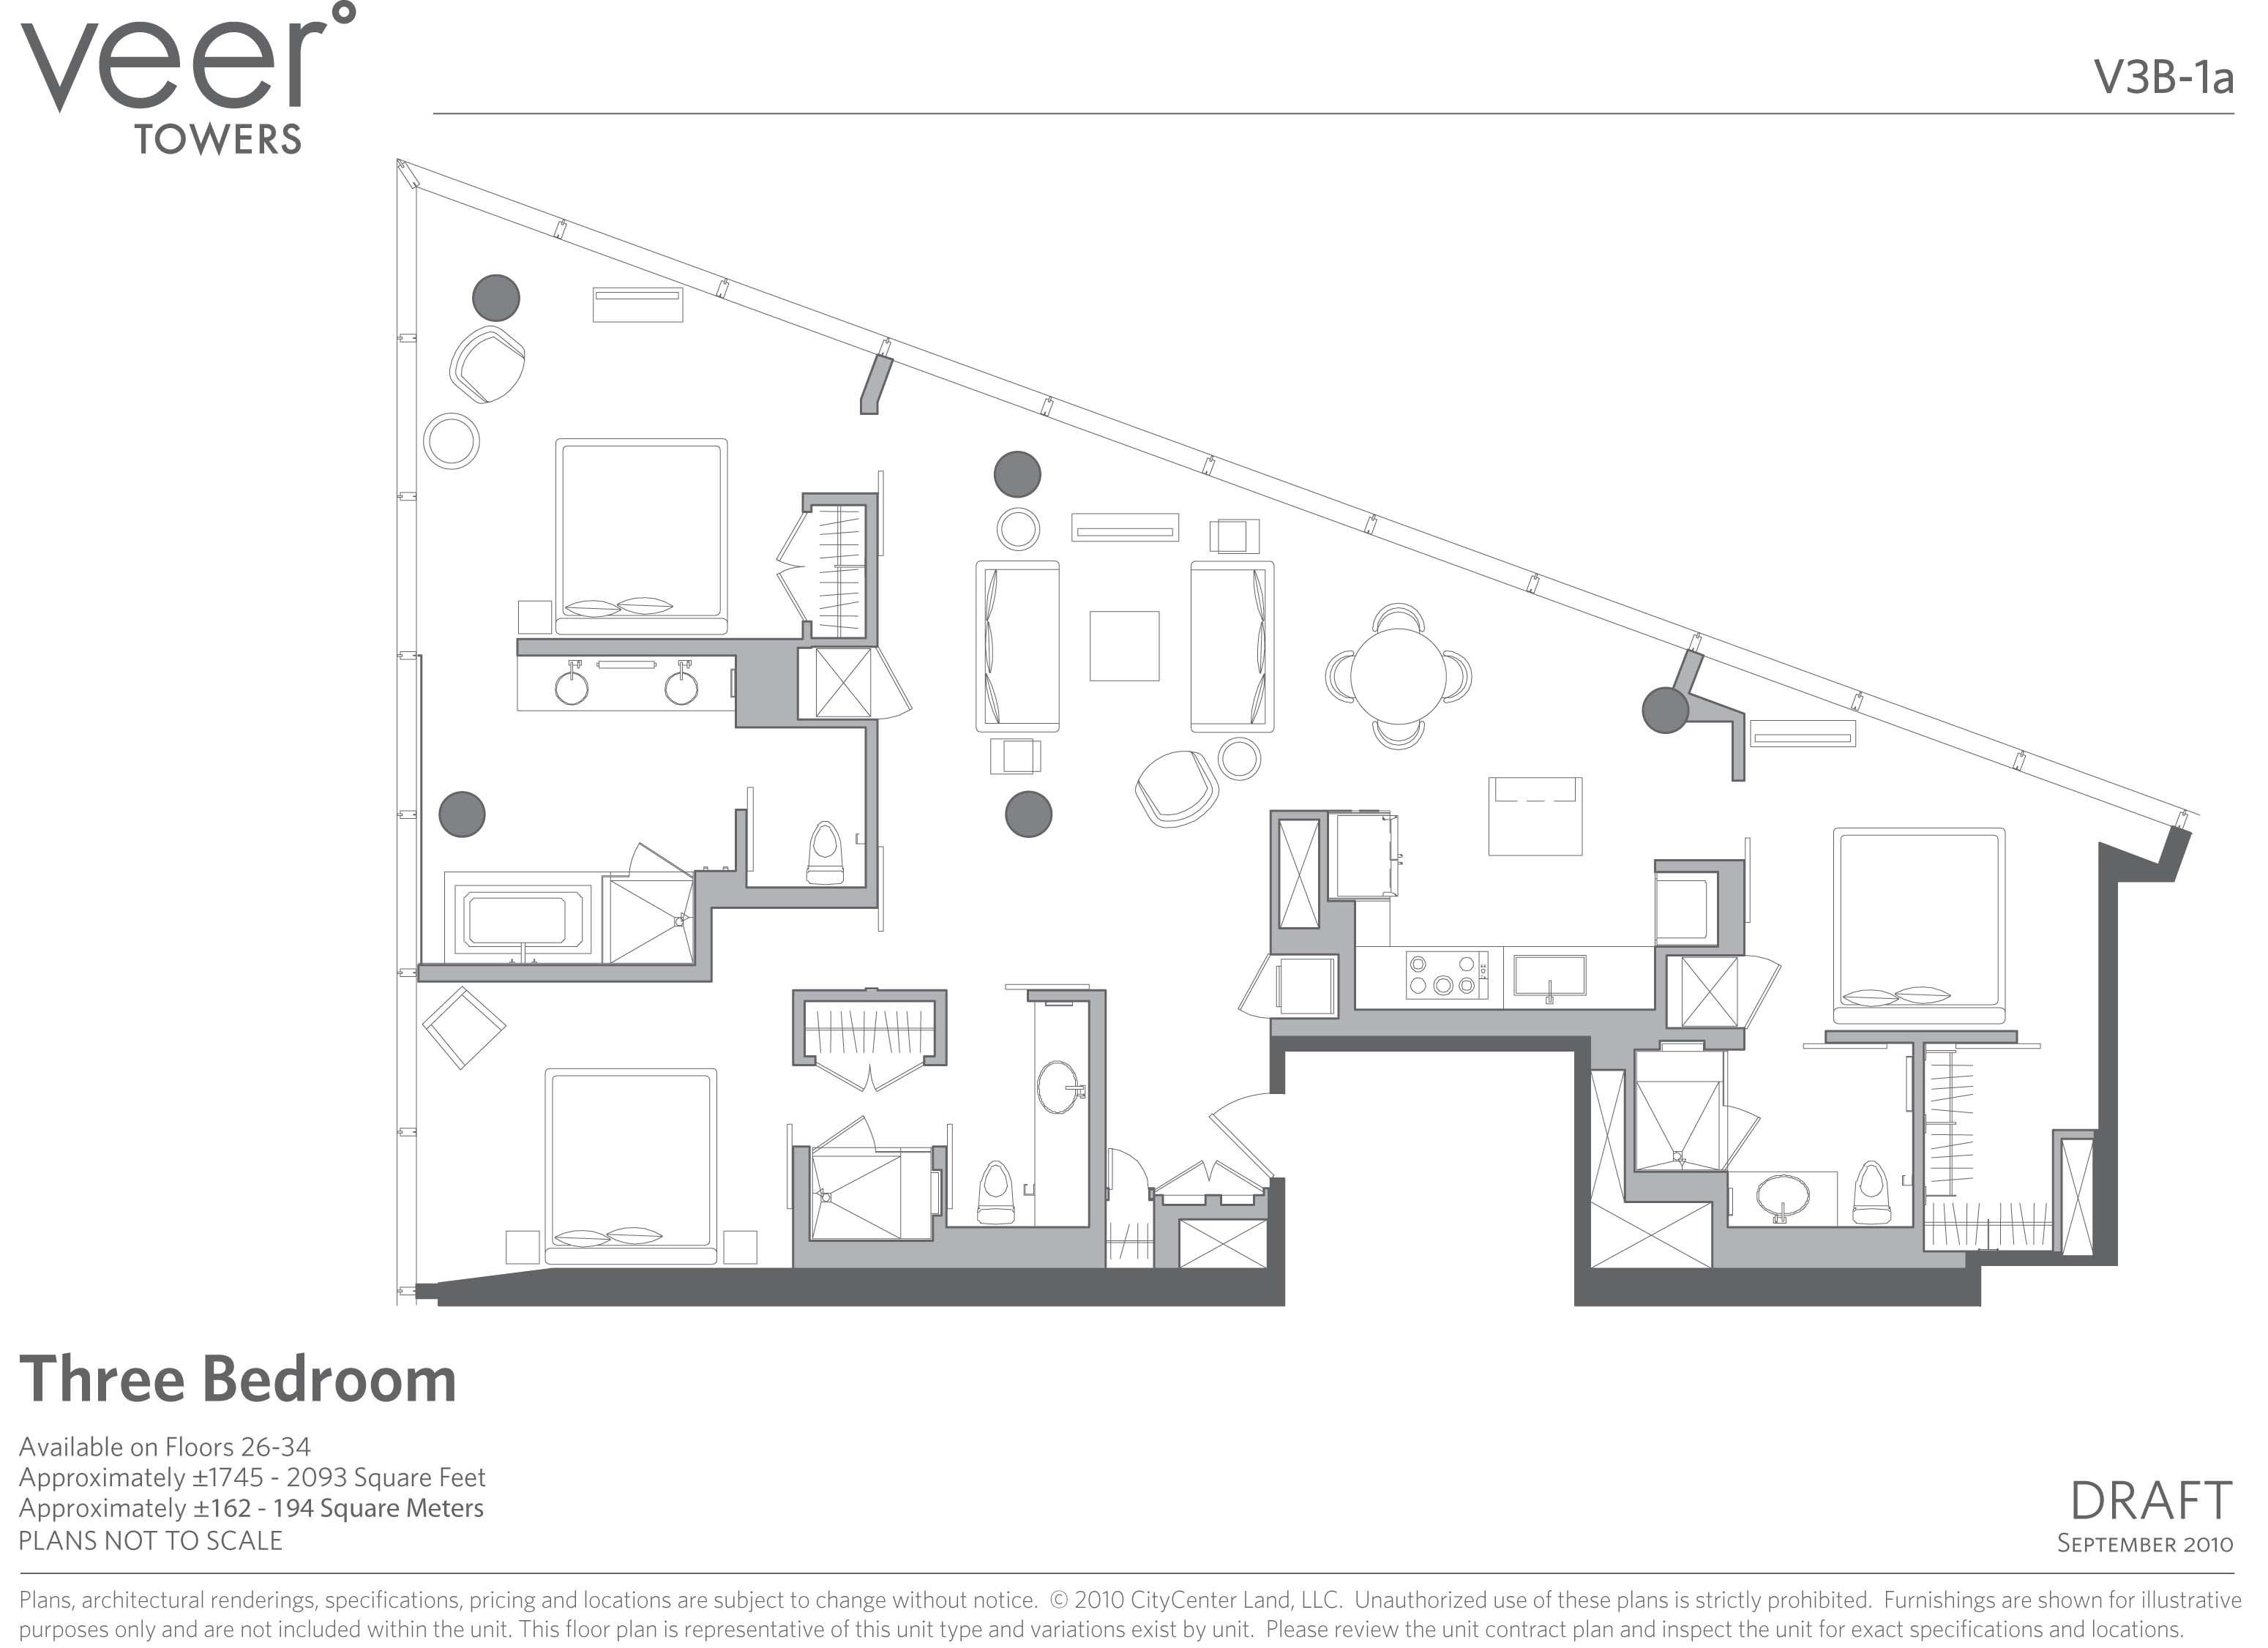 Veer towers floor plans las vegas for Las vegas home floor plans